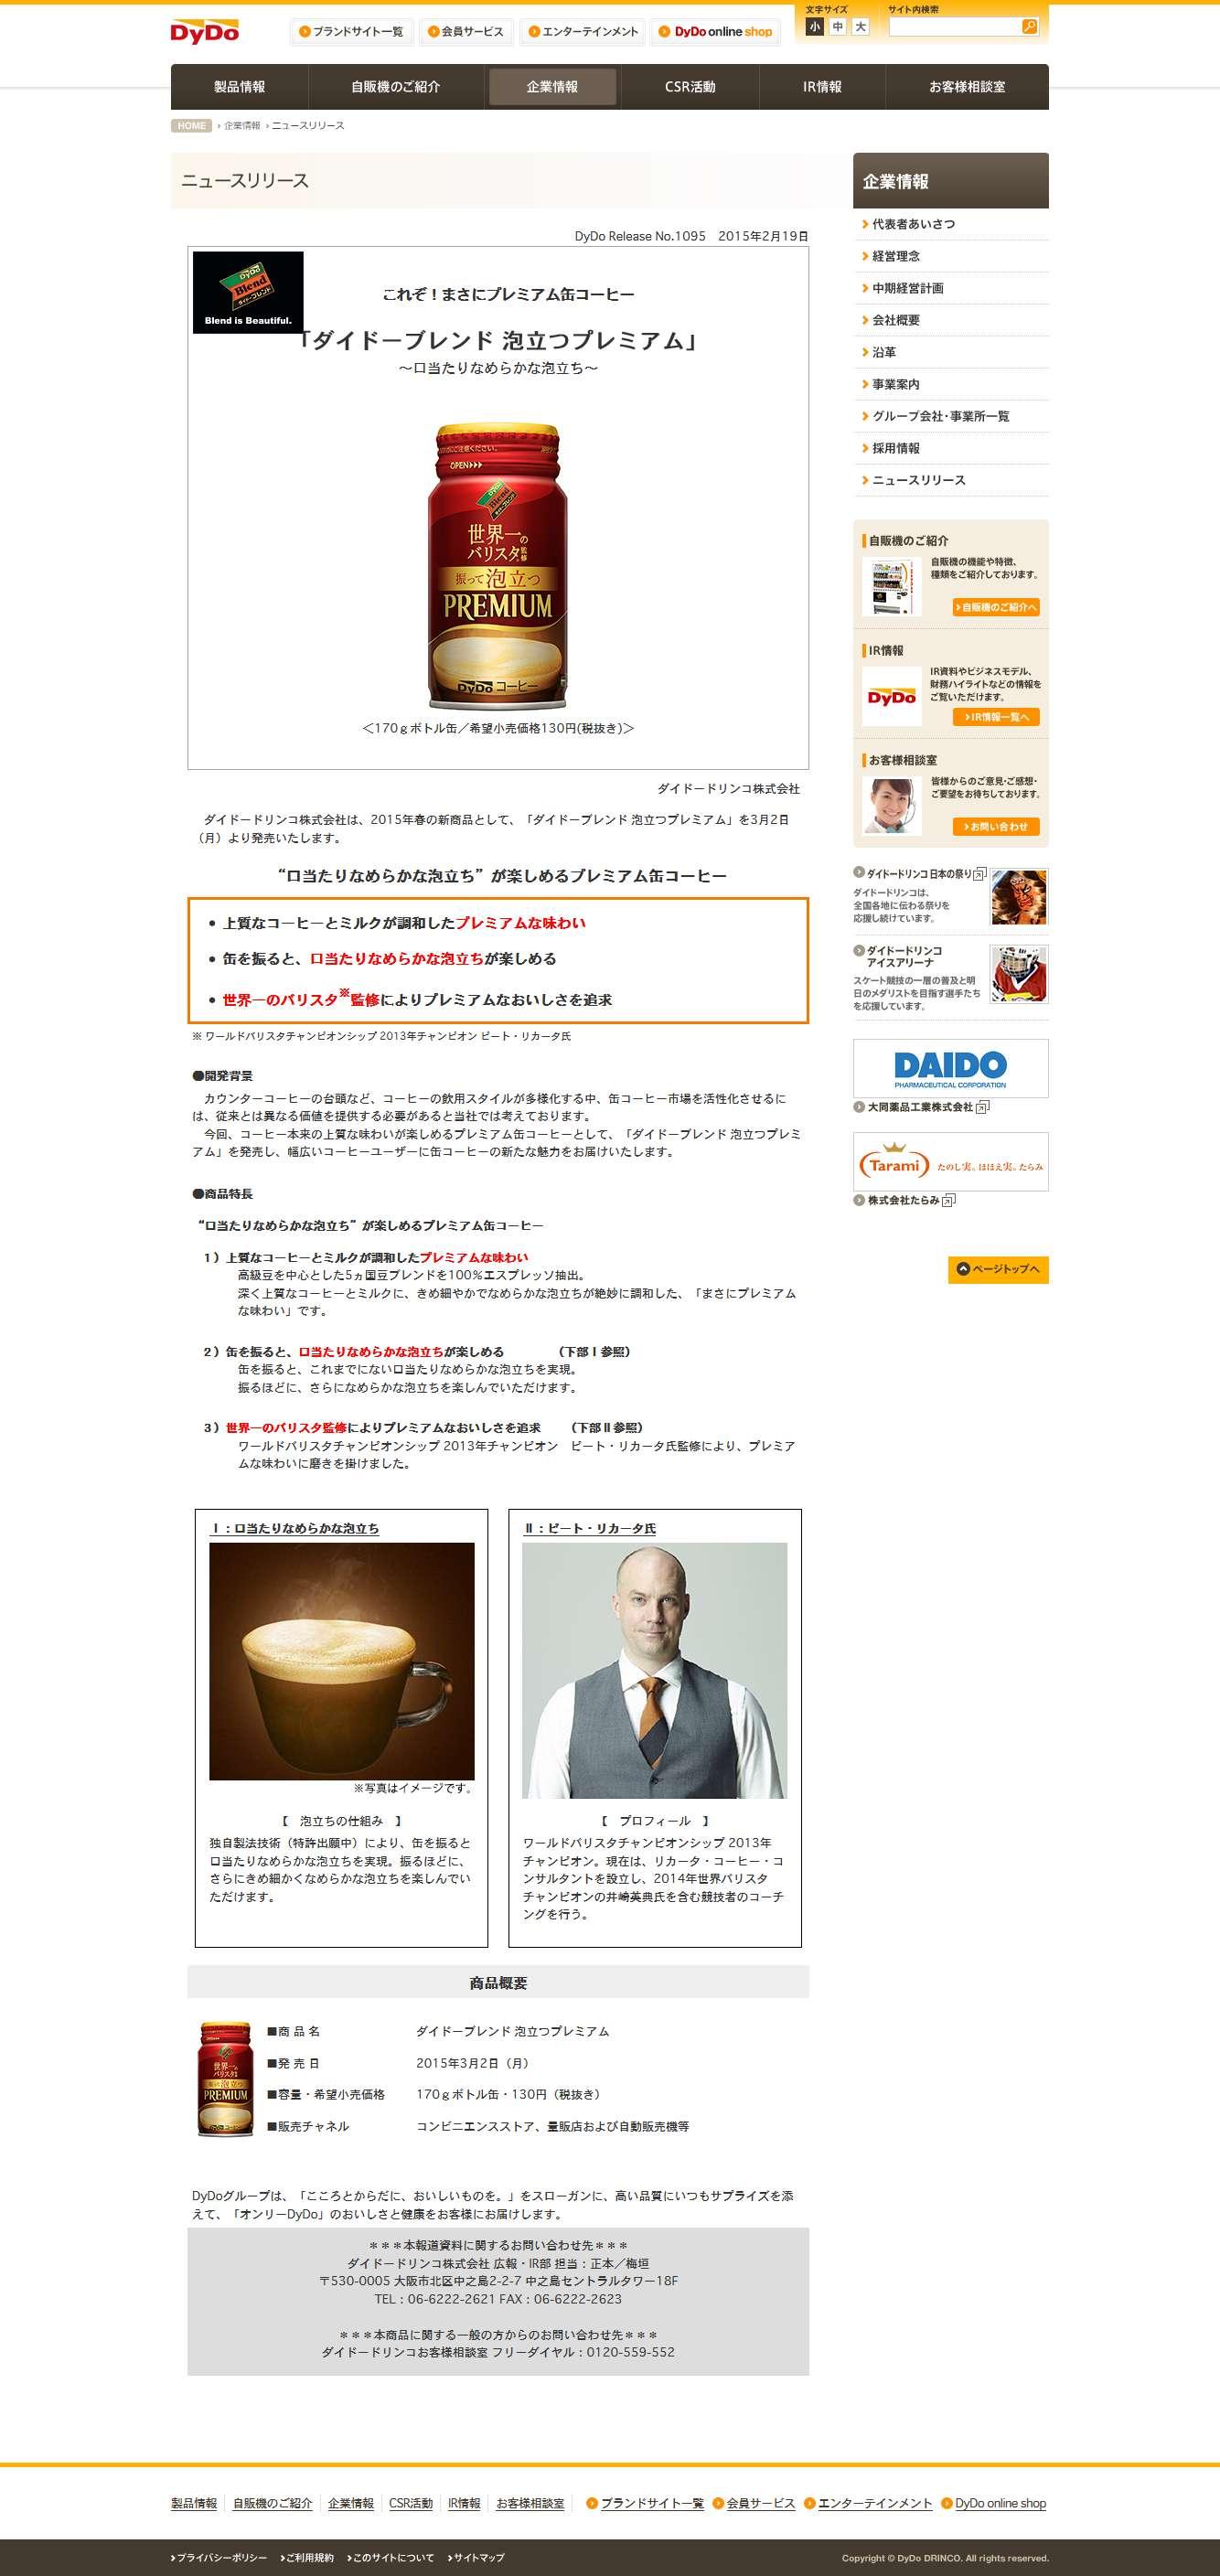 ニュースリリース|企業情報|ダイドードリンコ ダイドーブレンド 泡立つプレミアムを発売。